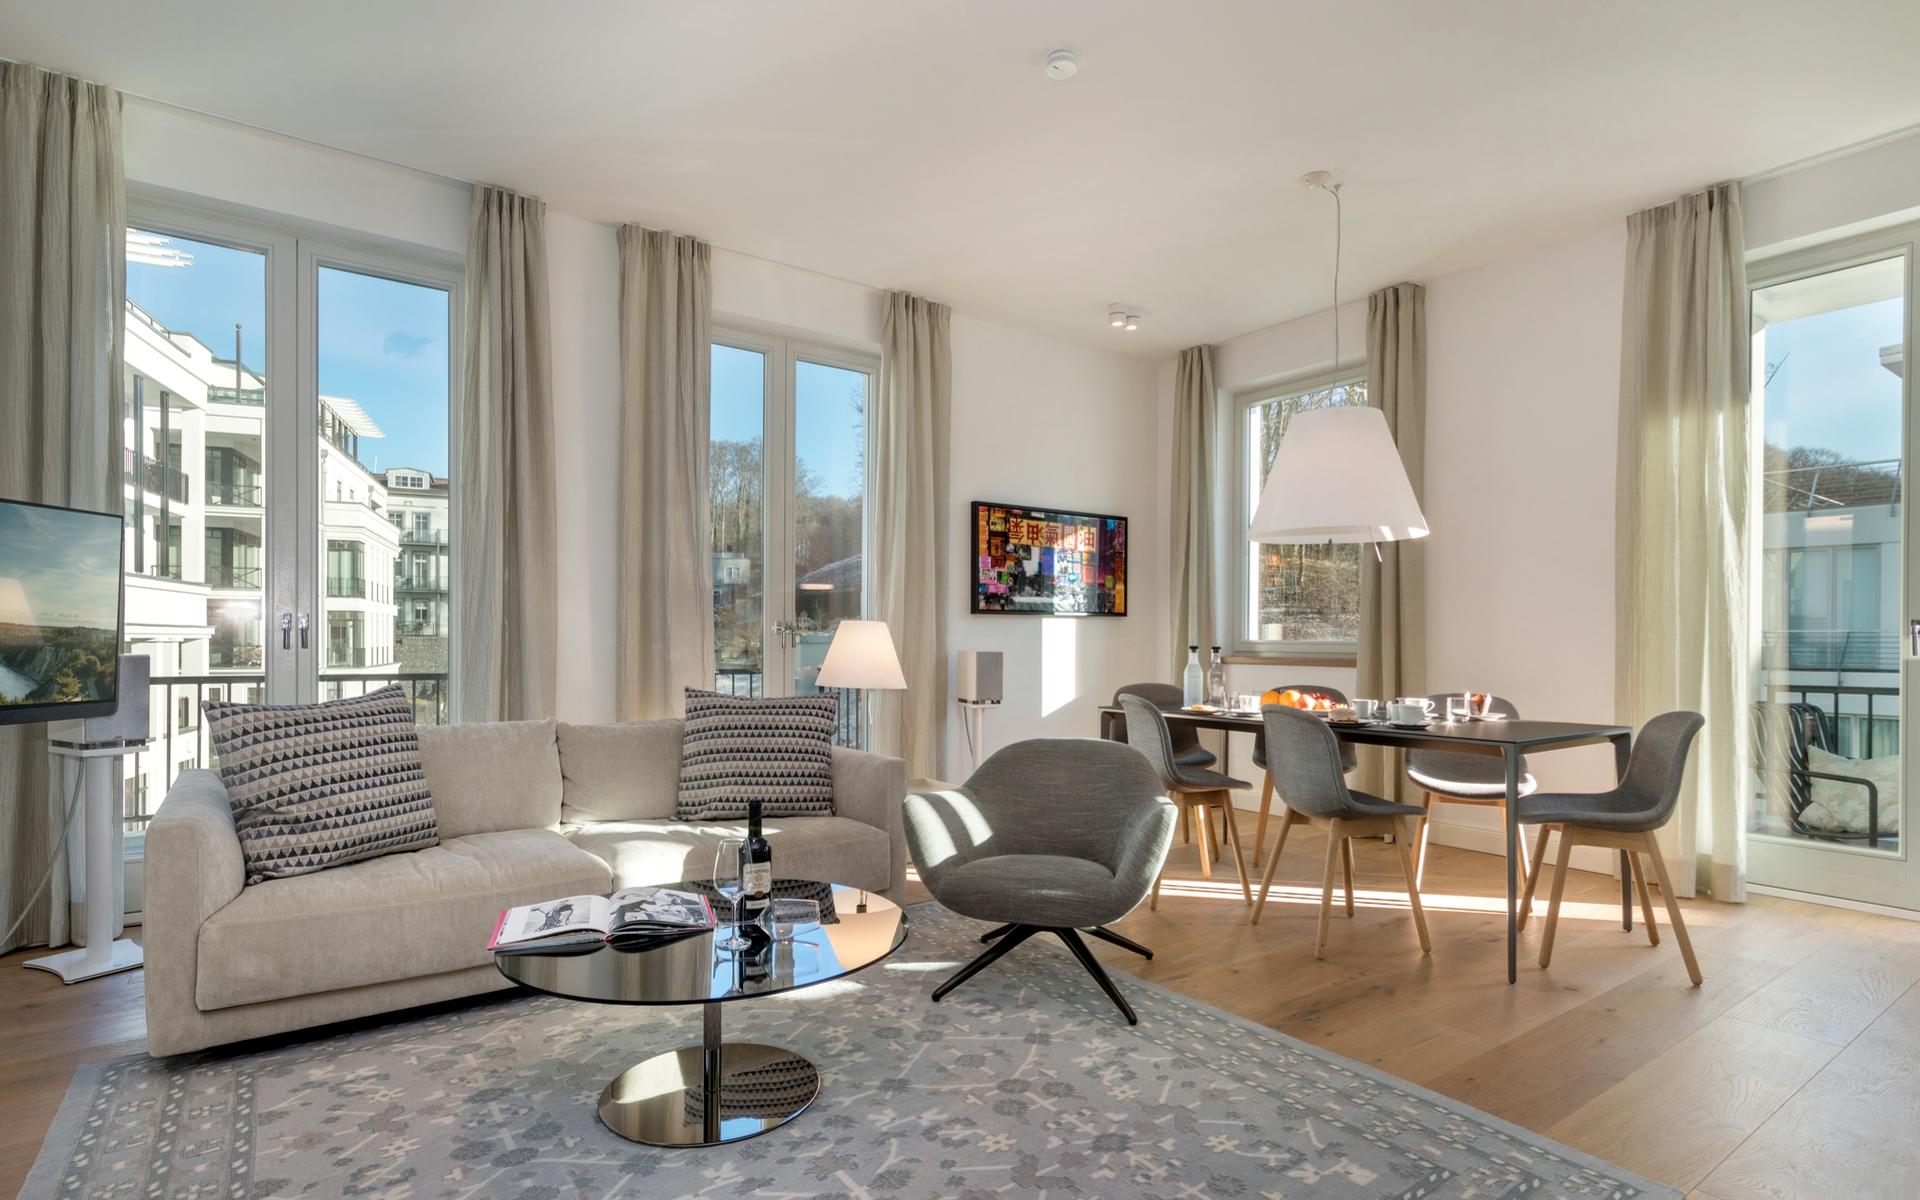 Hans G. Bock richtet auch Ferienhäuser ein: Stilvolle und funktionale Wohnzimmer sind selbstverständlich.